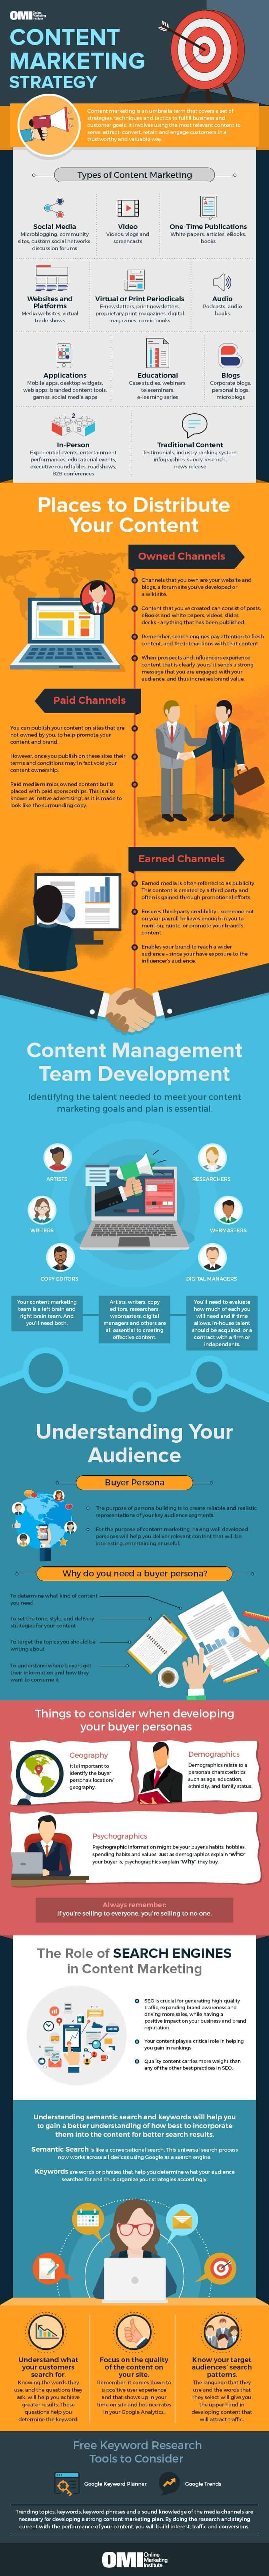 infographie sur le content marketing et la mise en place d'une stratégie